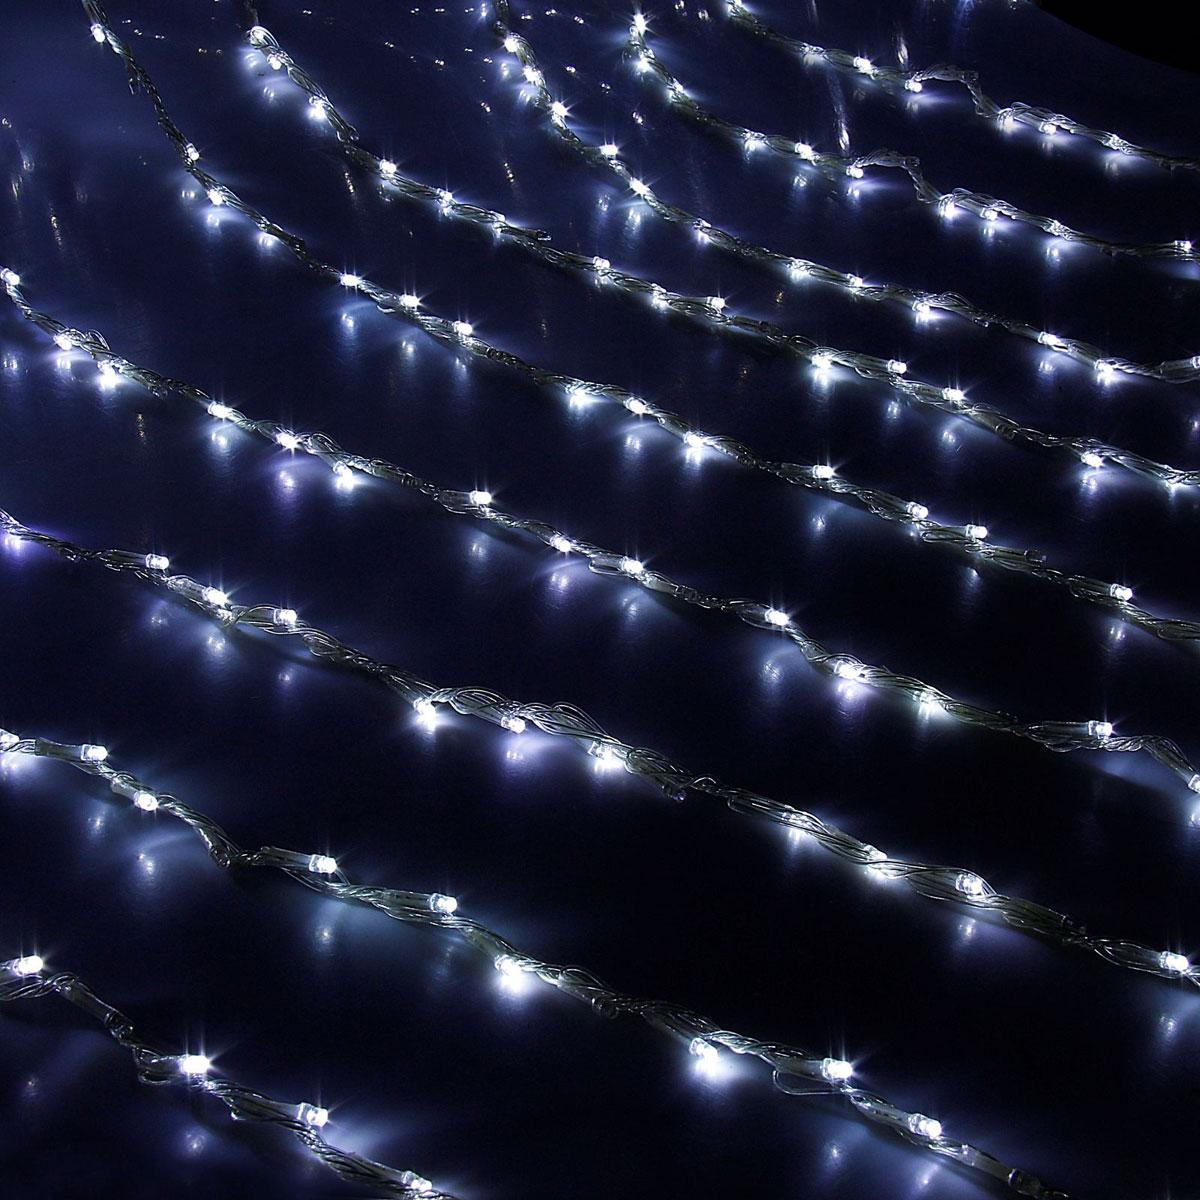 Гирлянда светодиодная Luazon Дождь, 8 режимов, 300 ламп, 220 V, 1,5 х 1 м, цвет: белый. 671632671632Гирлянда светодиодная Дождь - это отличный вариант для новогоднего оформления интерьера или фасада. С ее помощью помещение любого размера можно превратить в праздничный зал, а внешние элементы зданий, украшенные гирляндой, мгновенно станут напоминать очертания сказочного дворца. Такое украшение создаст ауру предвкушения чуда. Деревья, фасады, витрины, окна и арки будто специально созданы, чтобы вы украсили их светящимися нитями.